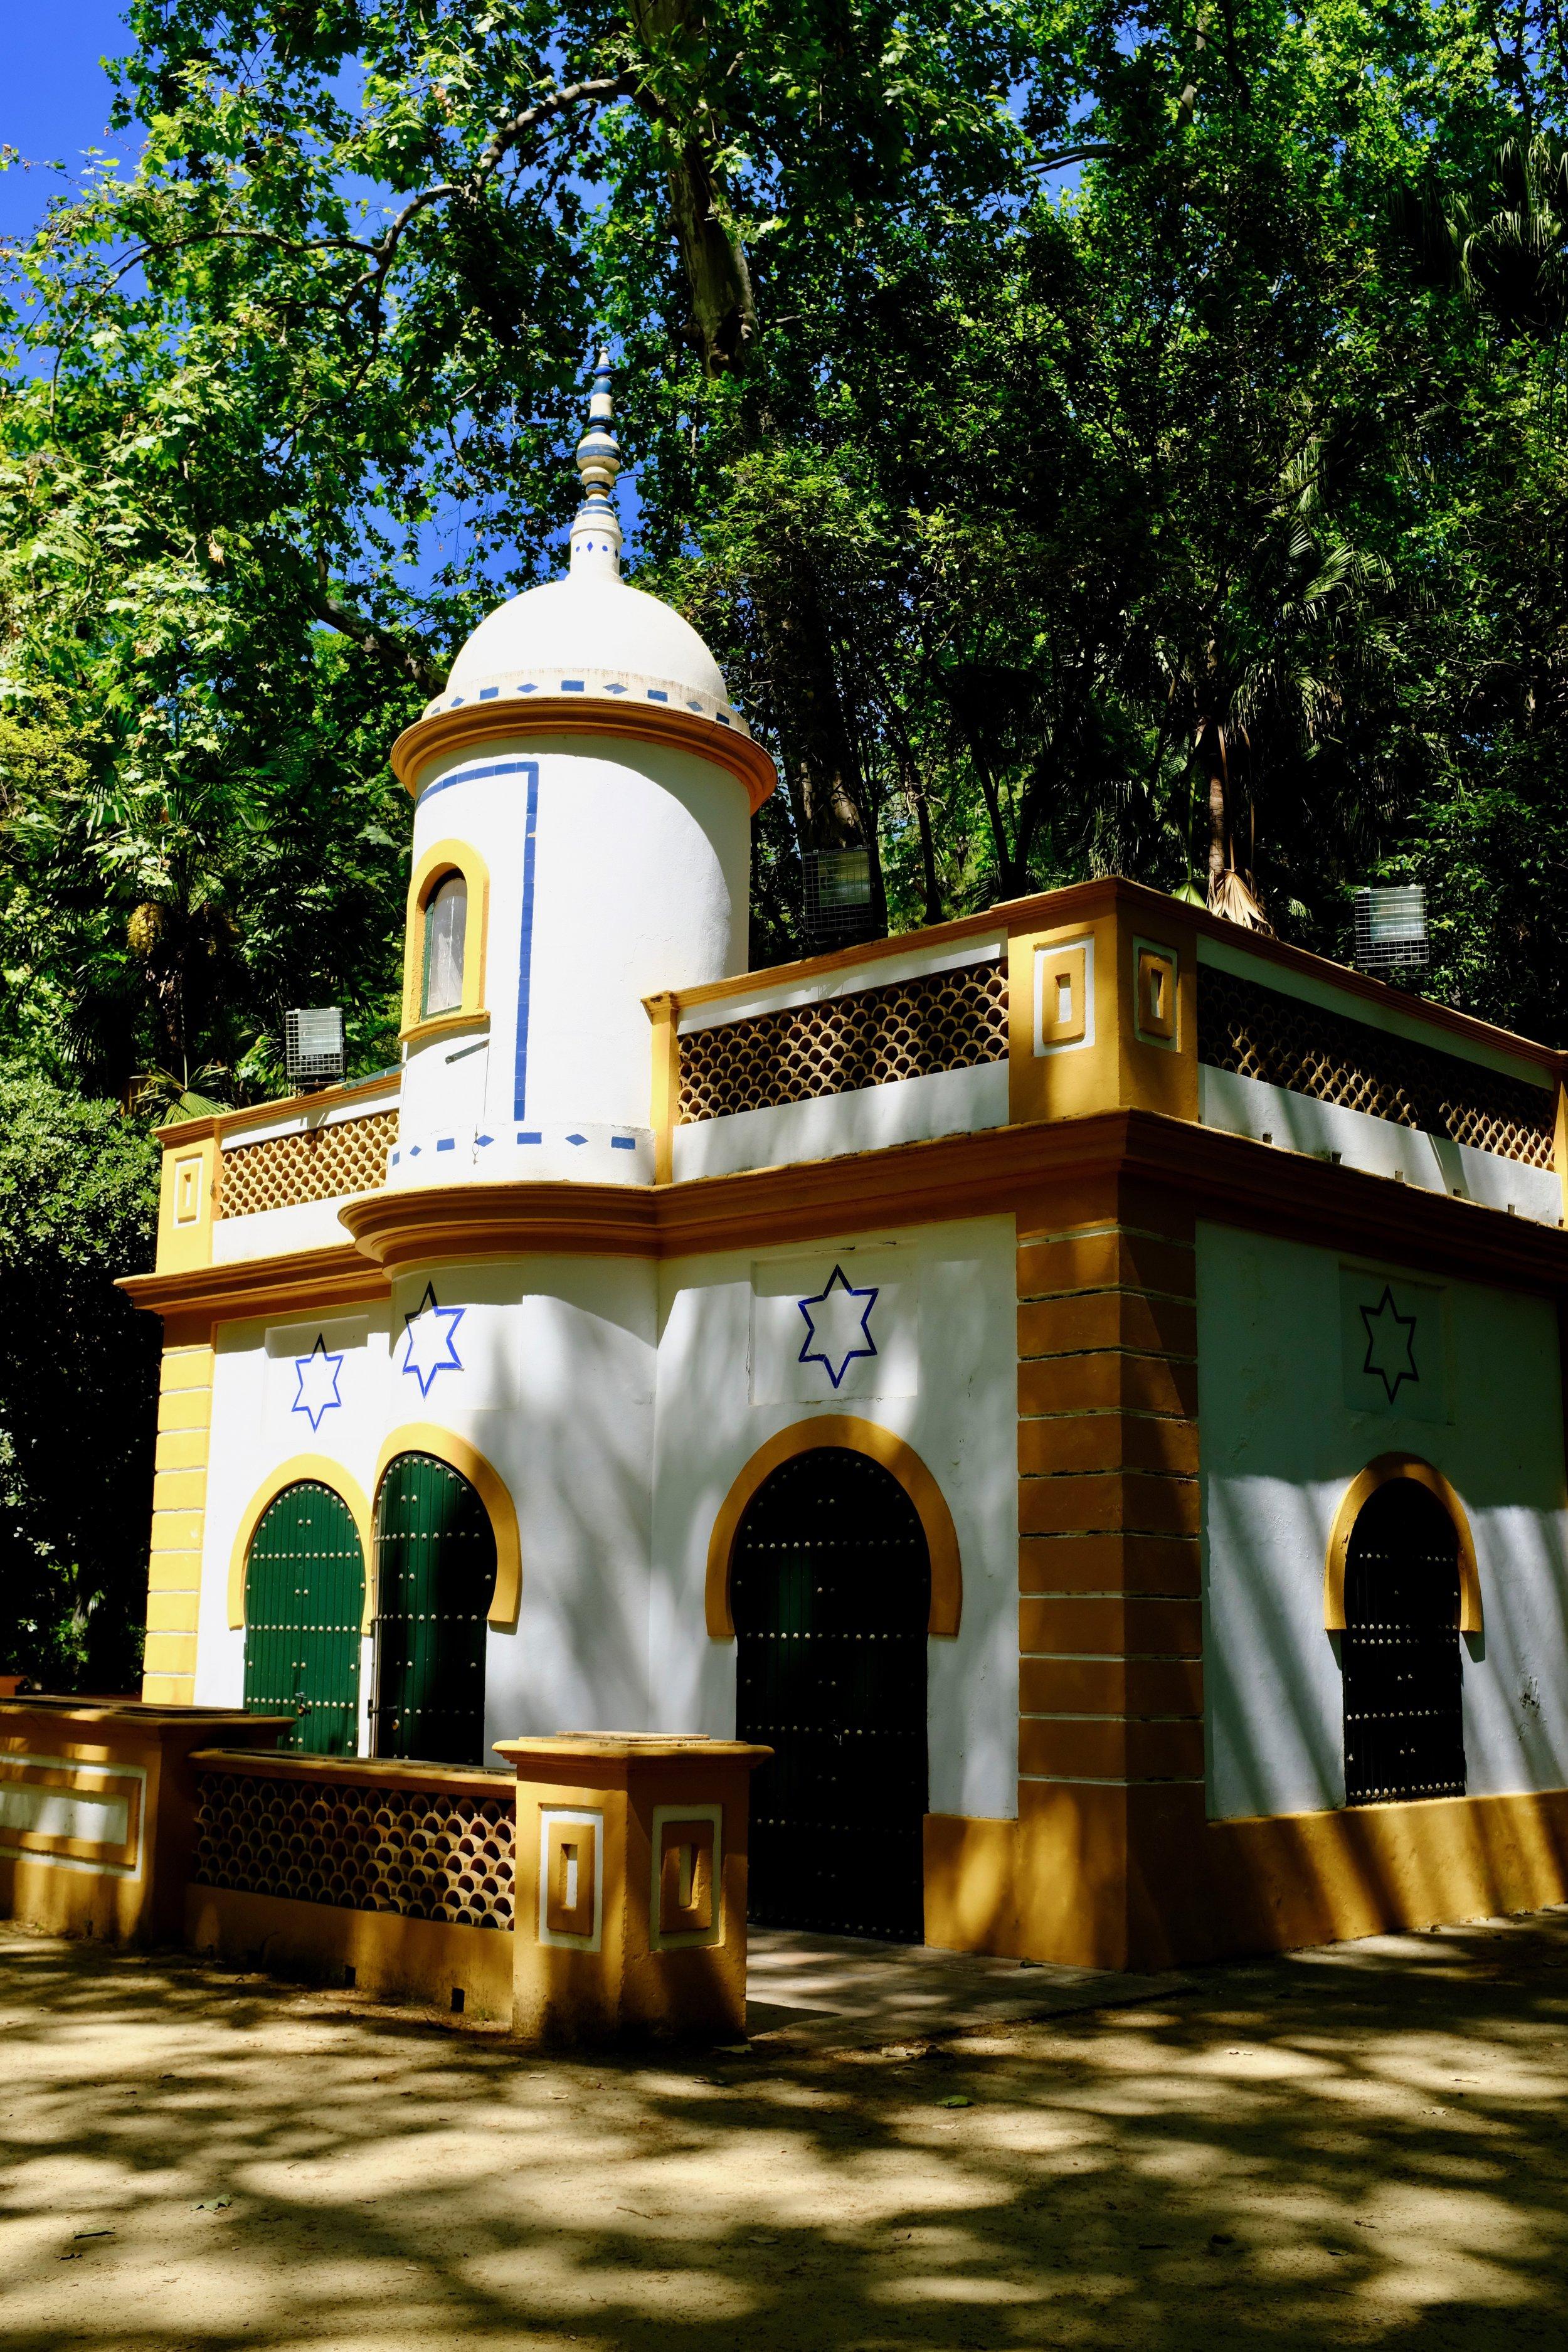 Casa de los Pájaros, House of the Birds